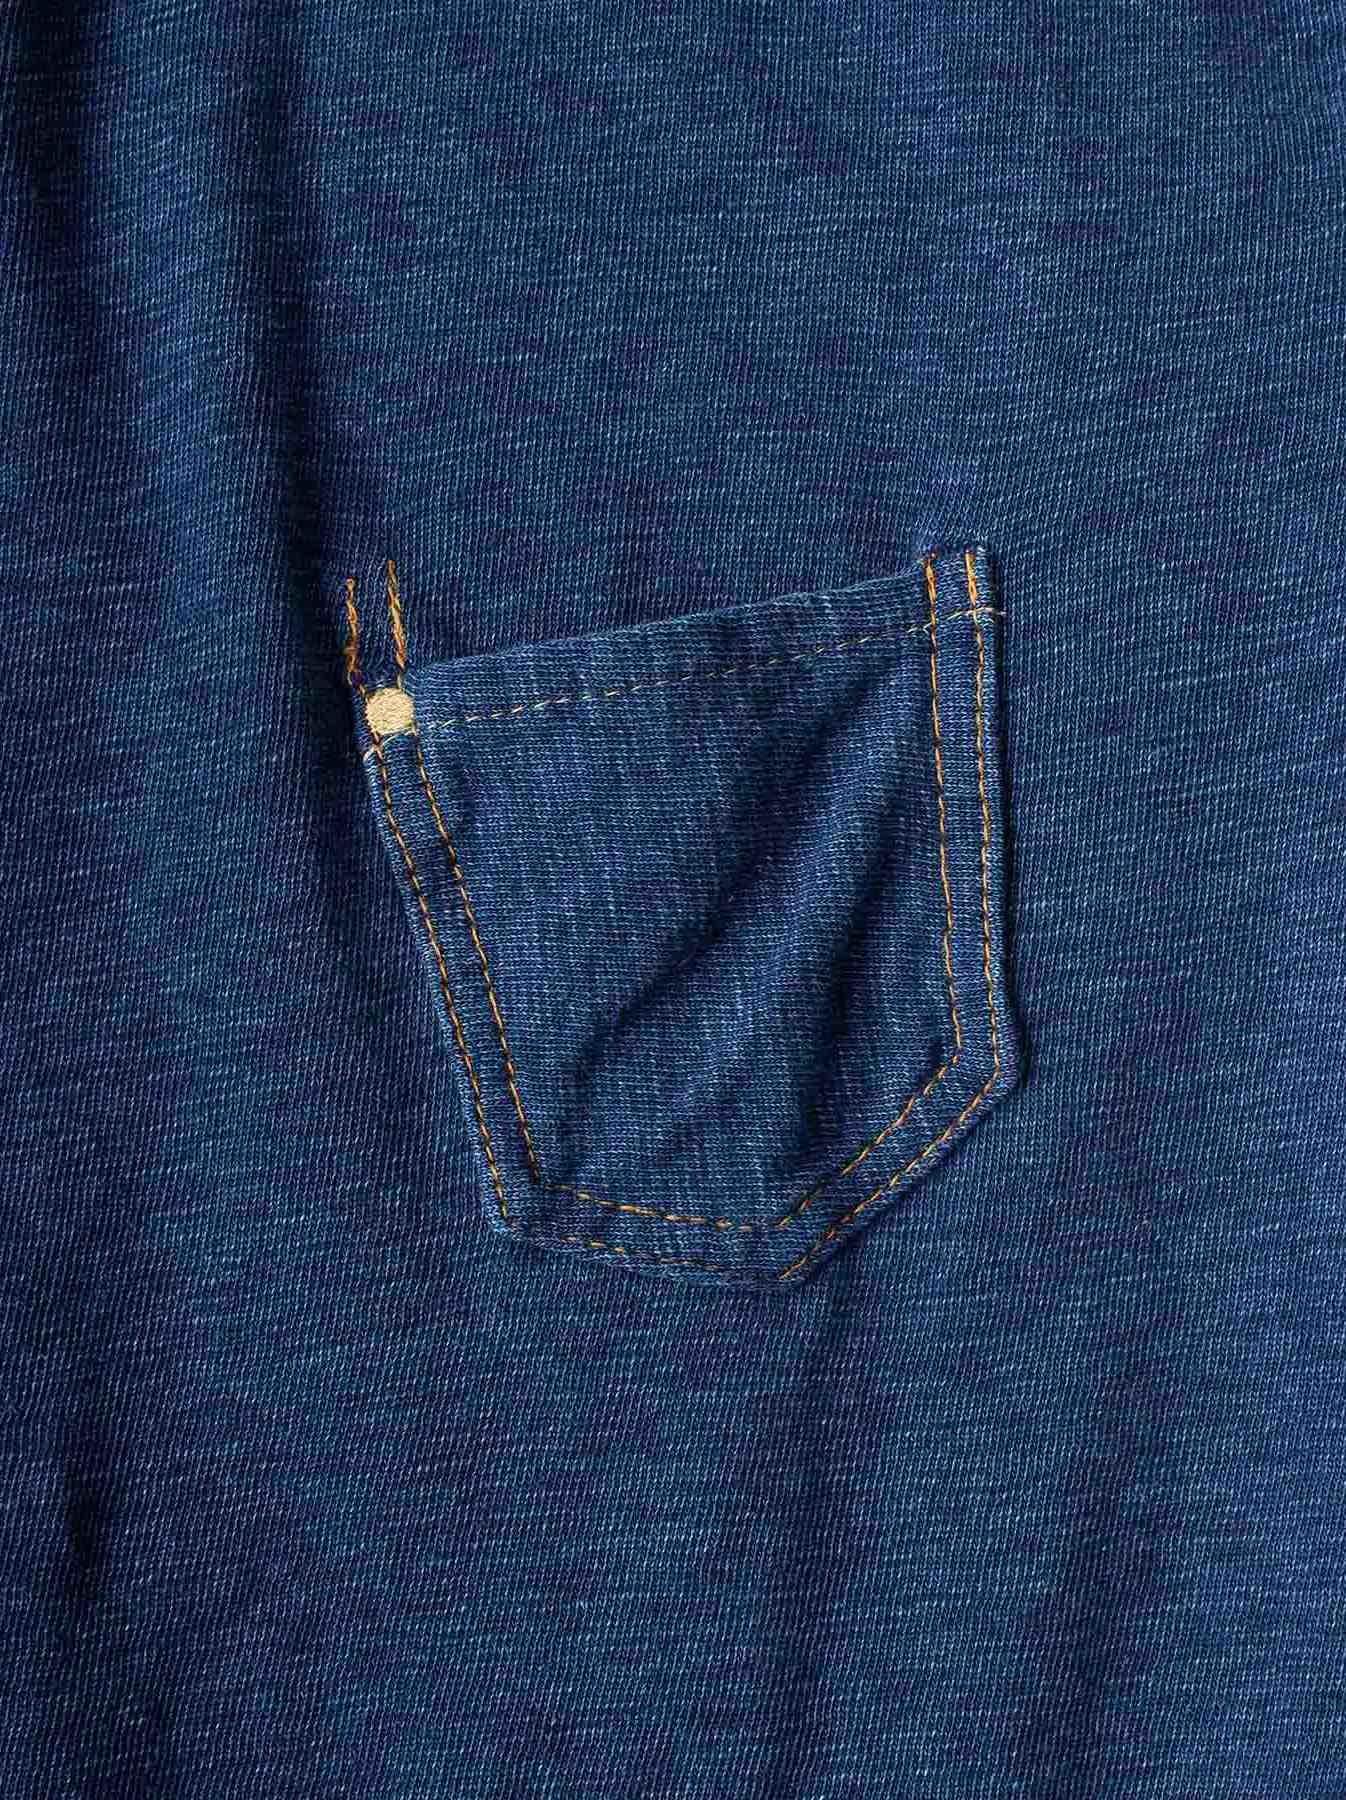 WH Indigo Plating Tenjiku T-shirt Distressed-7